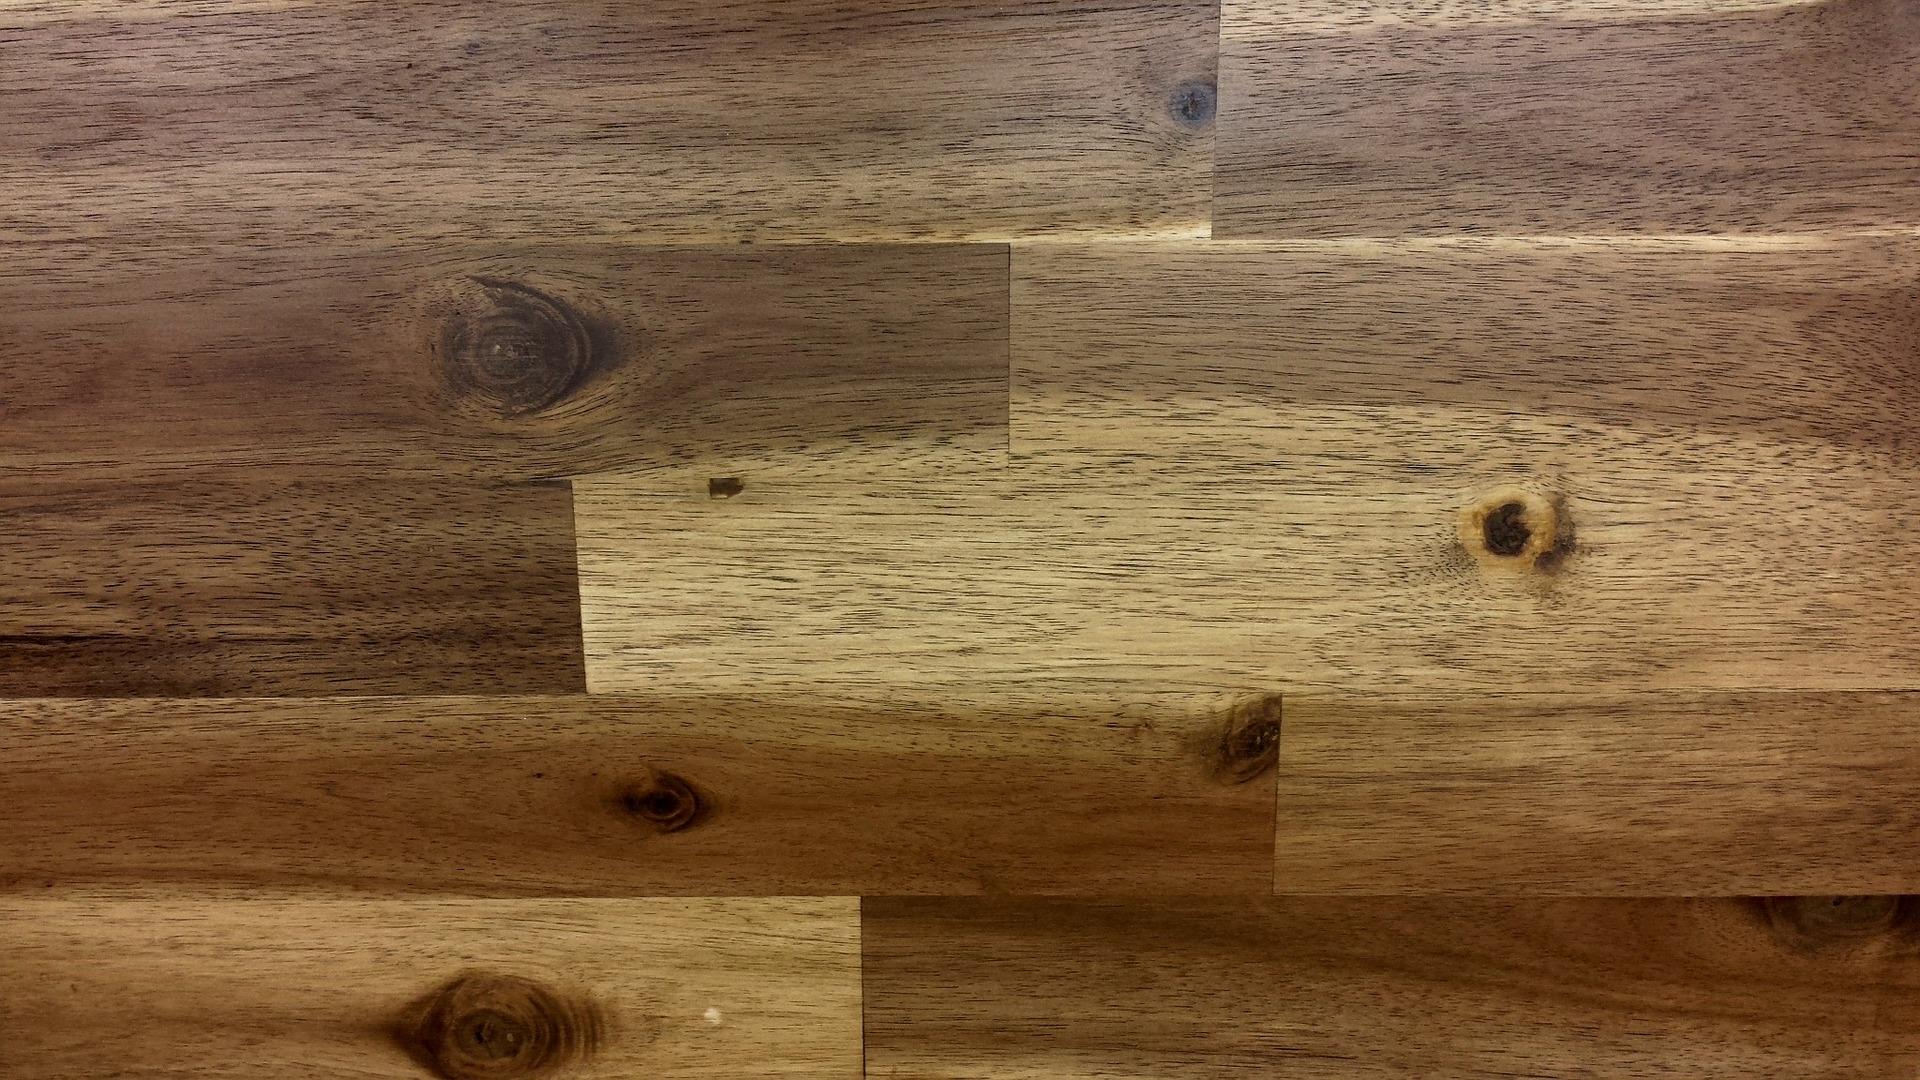 How to Keep Laminate Floors Looking Their Best